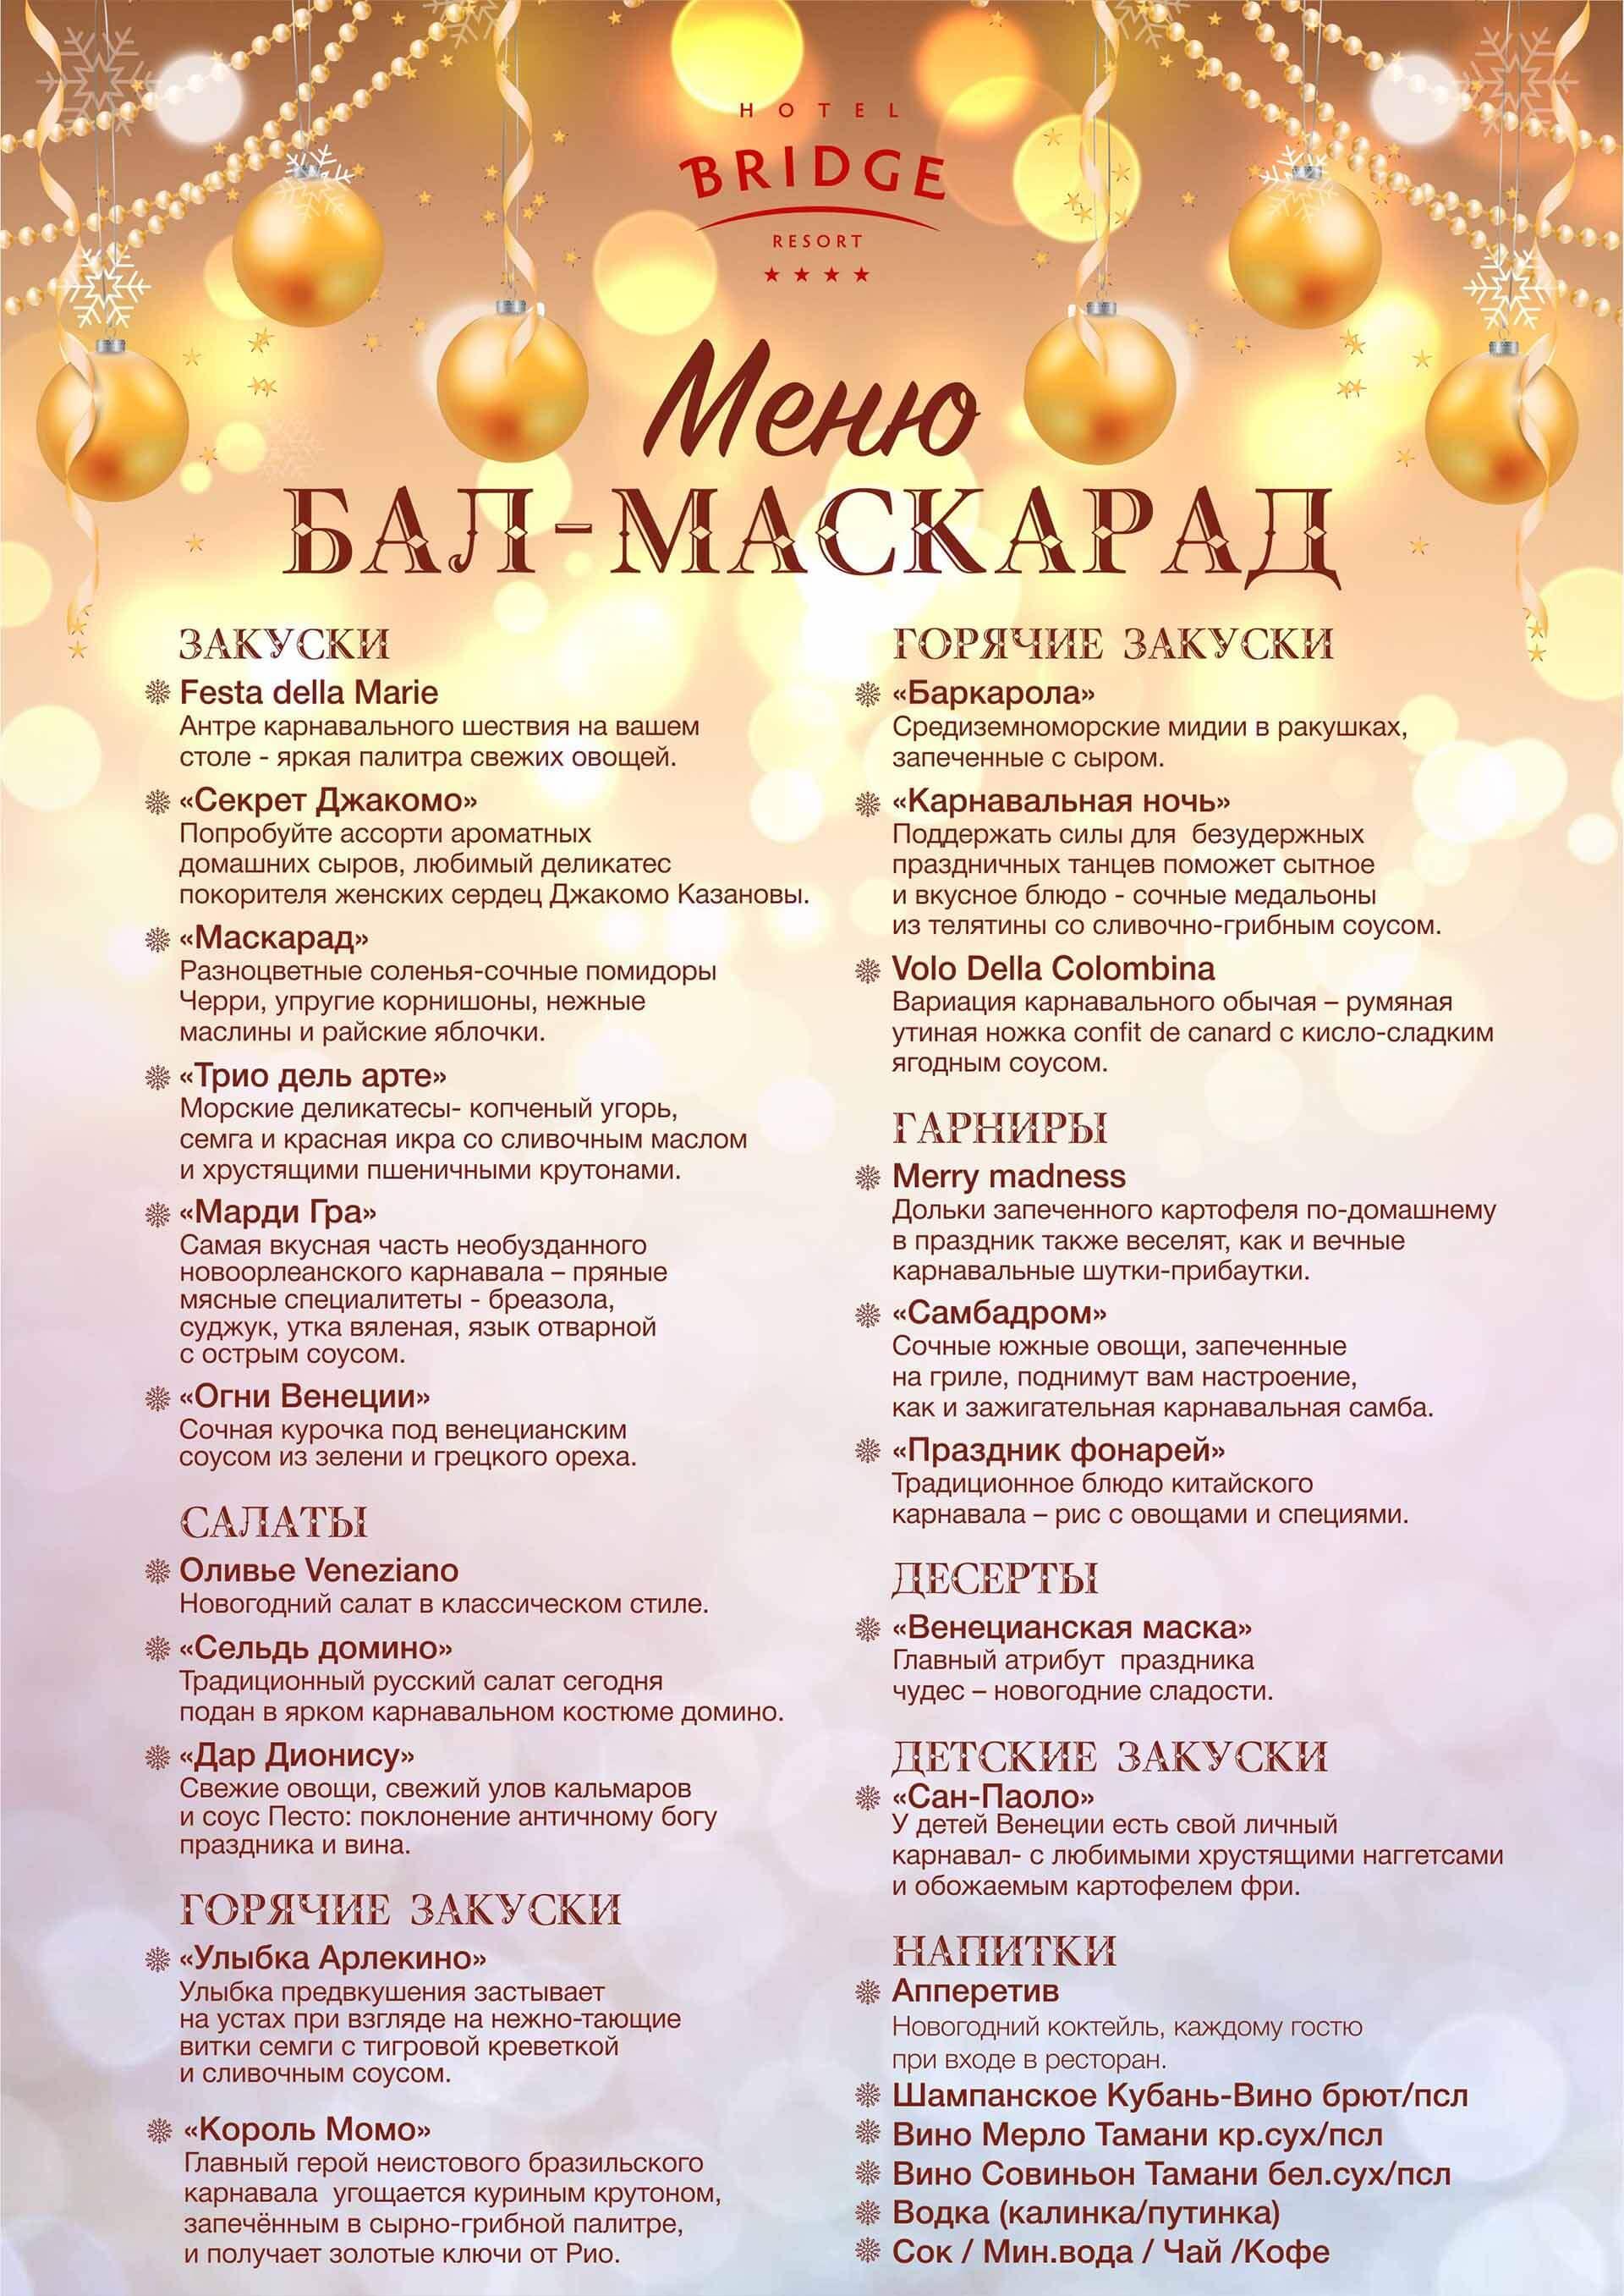 Банкетное меню на Новый год в отеле bridge resort